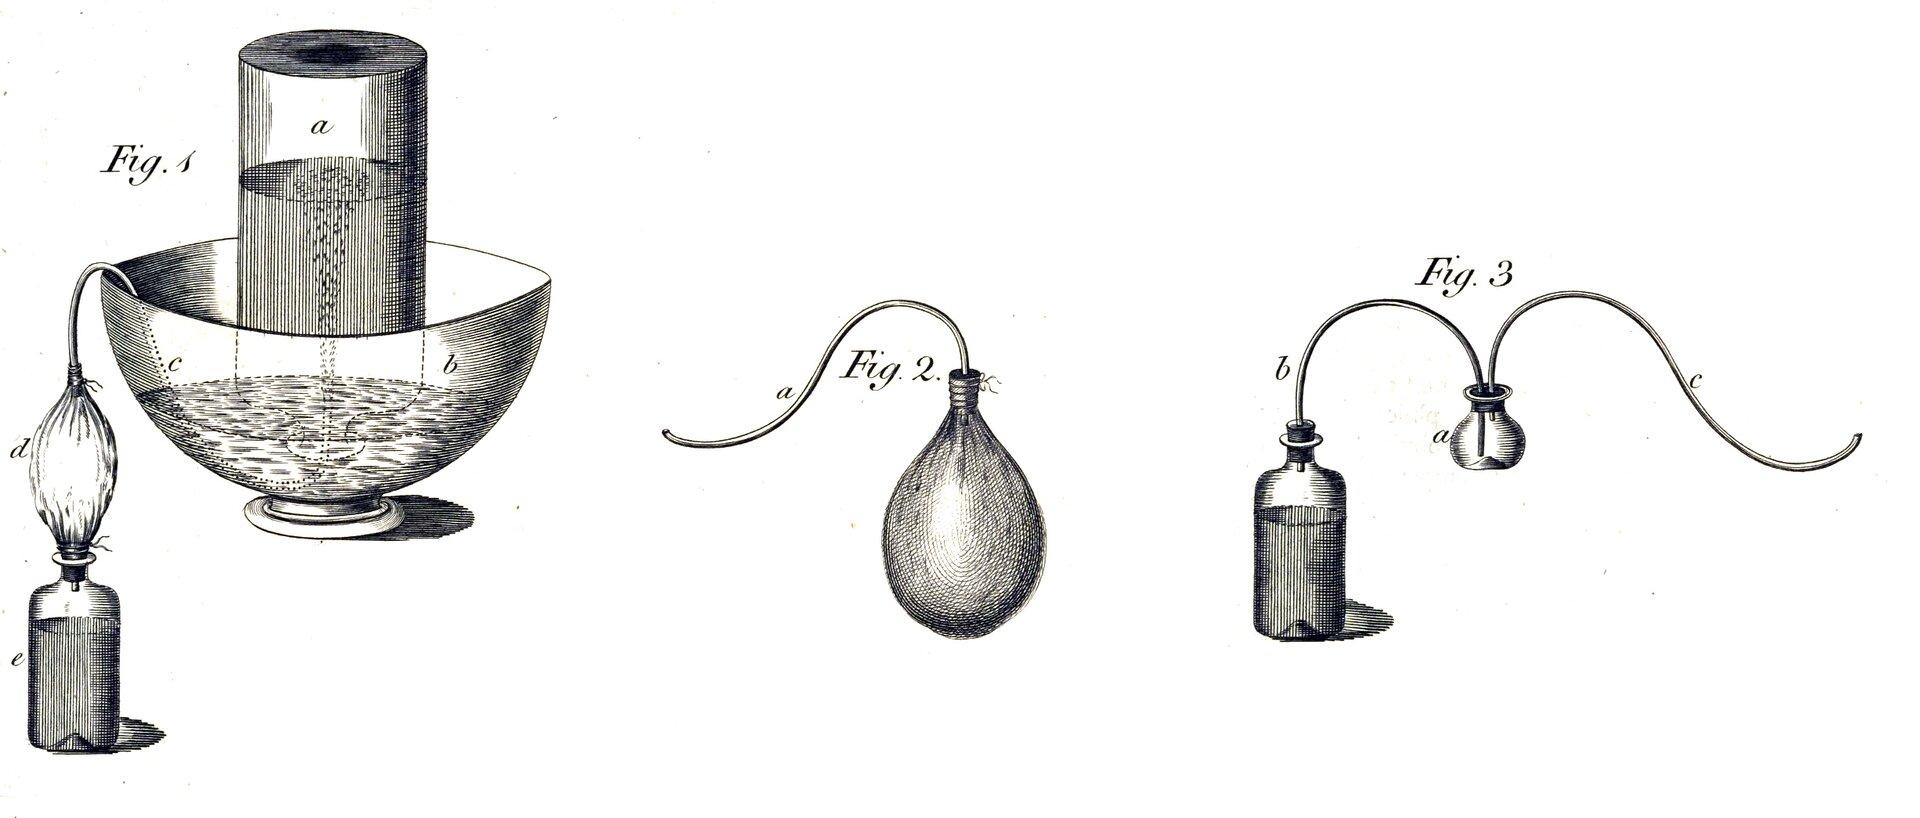 Ilustracja przedstawia starą rycinę prezentującą metodę nasycania wody dwutlenkiem węgla. Składa się ztrzech ponumerowanych od lewej do prawej strony czarno białych rysunków. Na rysunku numer jeden źródło dwutlenku węgla, małe naczynie zkorkiem, połączone jest rurką zdużym naczyniem zwodą, wktórym zanurzony został odwrócony słoik również napełniony wodą. Woda jest wypierana ze słoika przez wylatujący zrurki gaz. Rysunek numer dwa przedstawia koniec rurki umieszczony wbalonie. Balon napełnia się gazem. Rysunek numer trzy przedstawia zakorkowane naczynie będące źródłem gazu zktórego odchodzi rurka do drugiego małego naczynia, pustego izakorkowanego, tzw. naczynia pośredniego. Ztego samego naczynia przez korek wychodzi kolejna rurka transportująca gaz dalej.